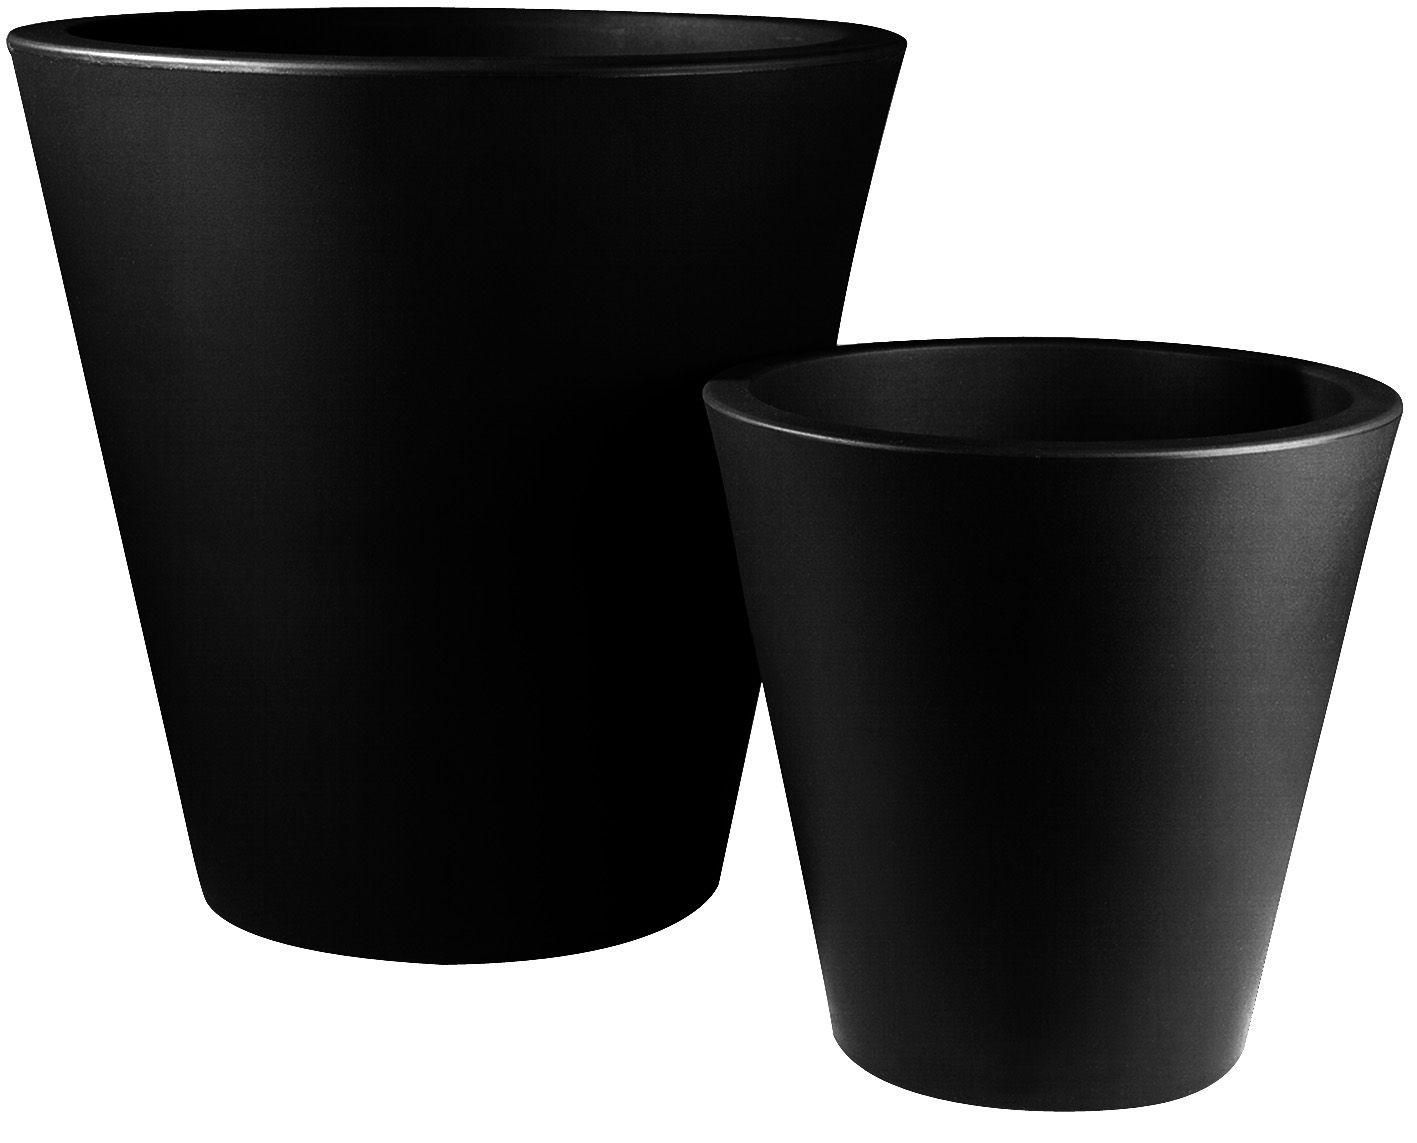 Outdoor - Pots et plantes - Pot de fleurs New Pot H 60 cm - Serralunga - Noir - Polyéthylène